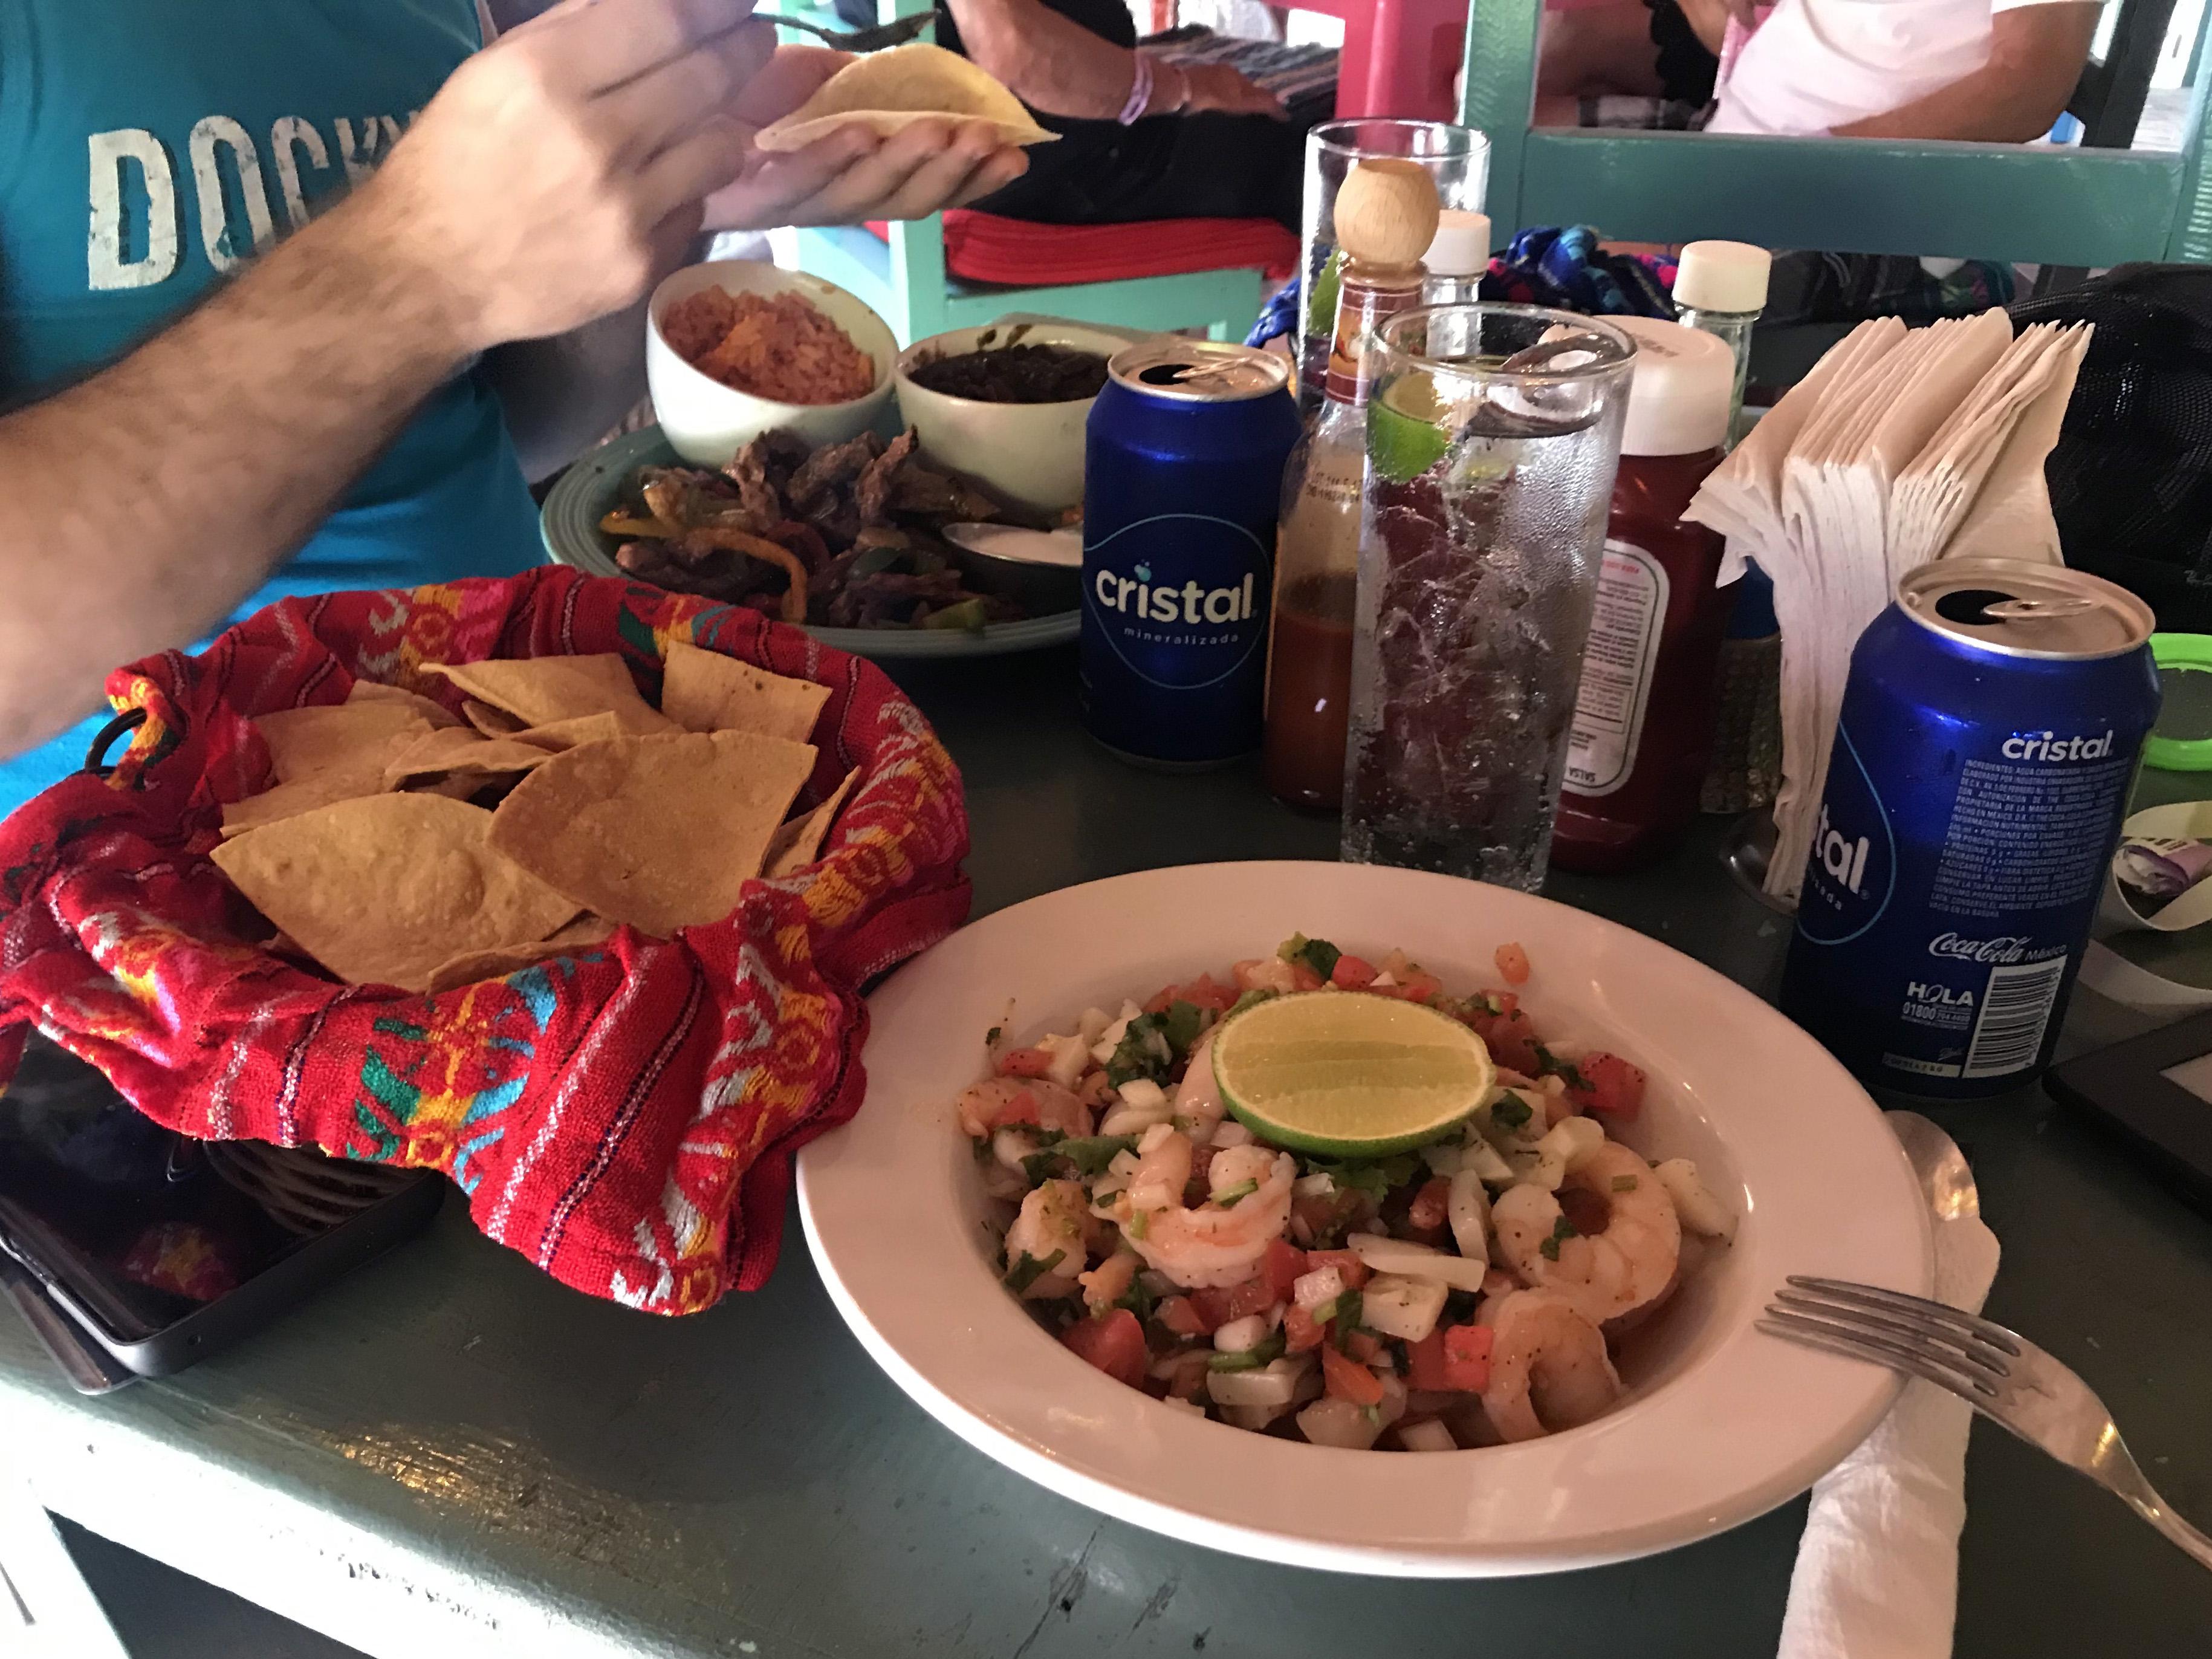 mexiko, reise, tipps, tacos, streetfood, ceviche, taqueria